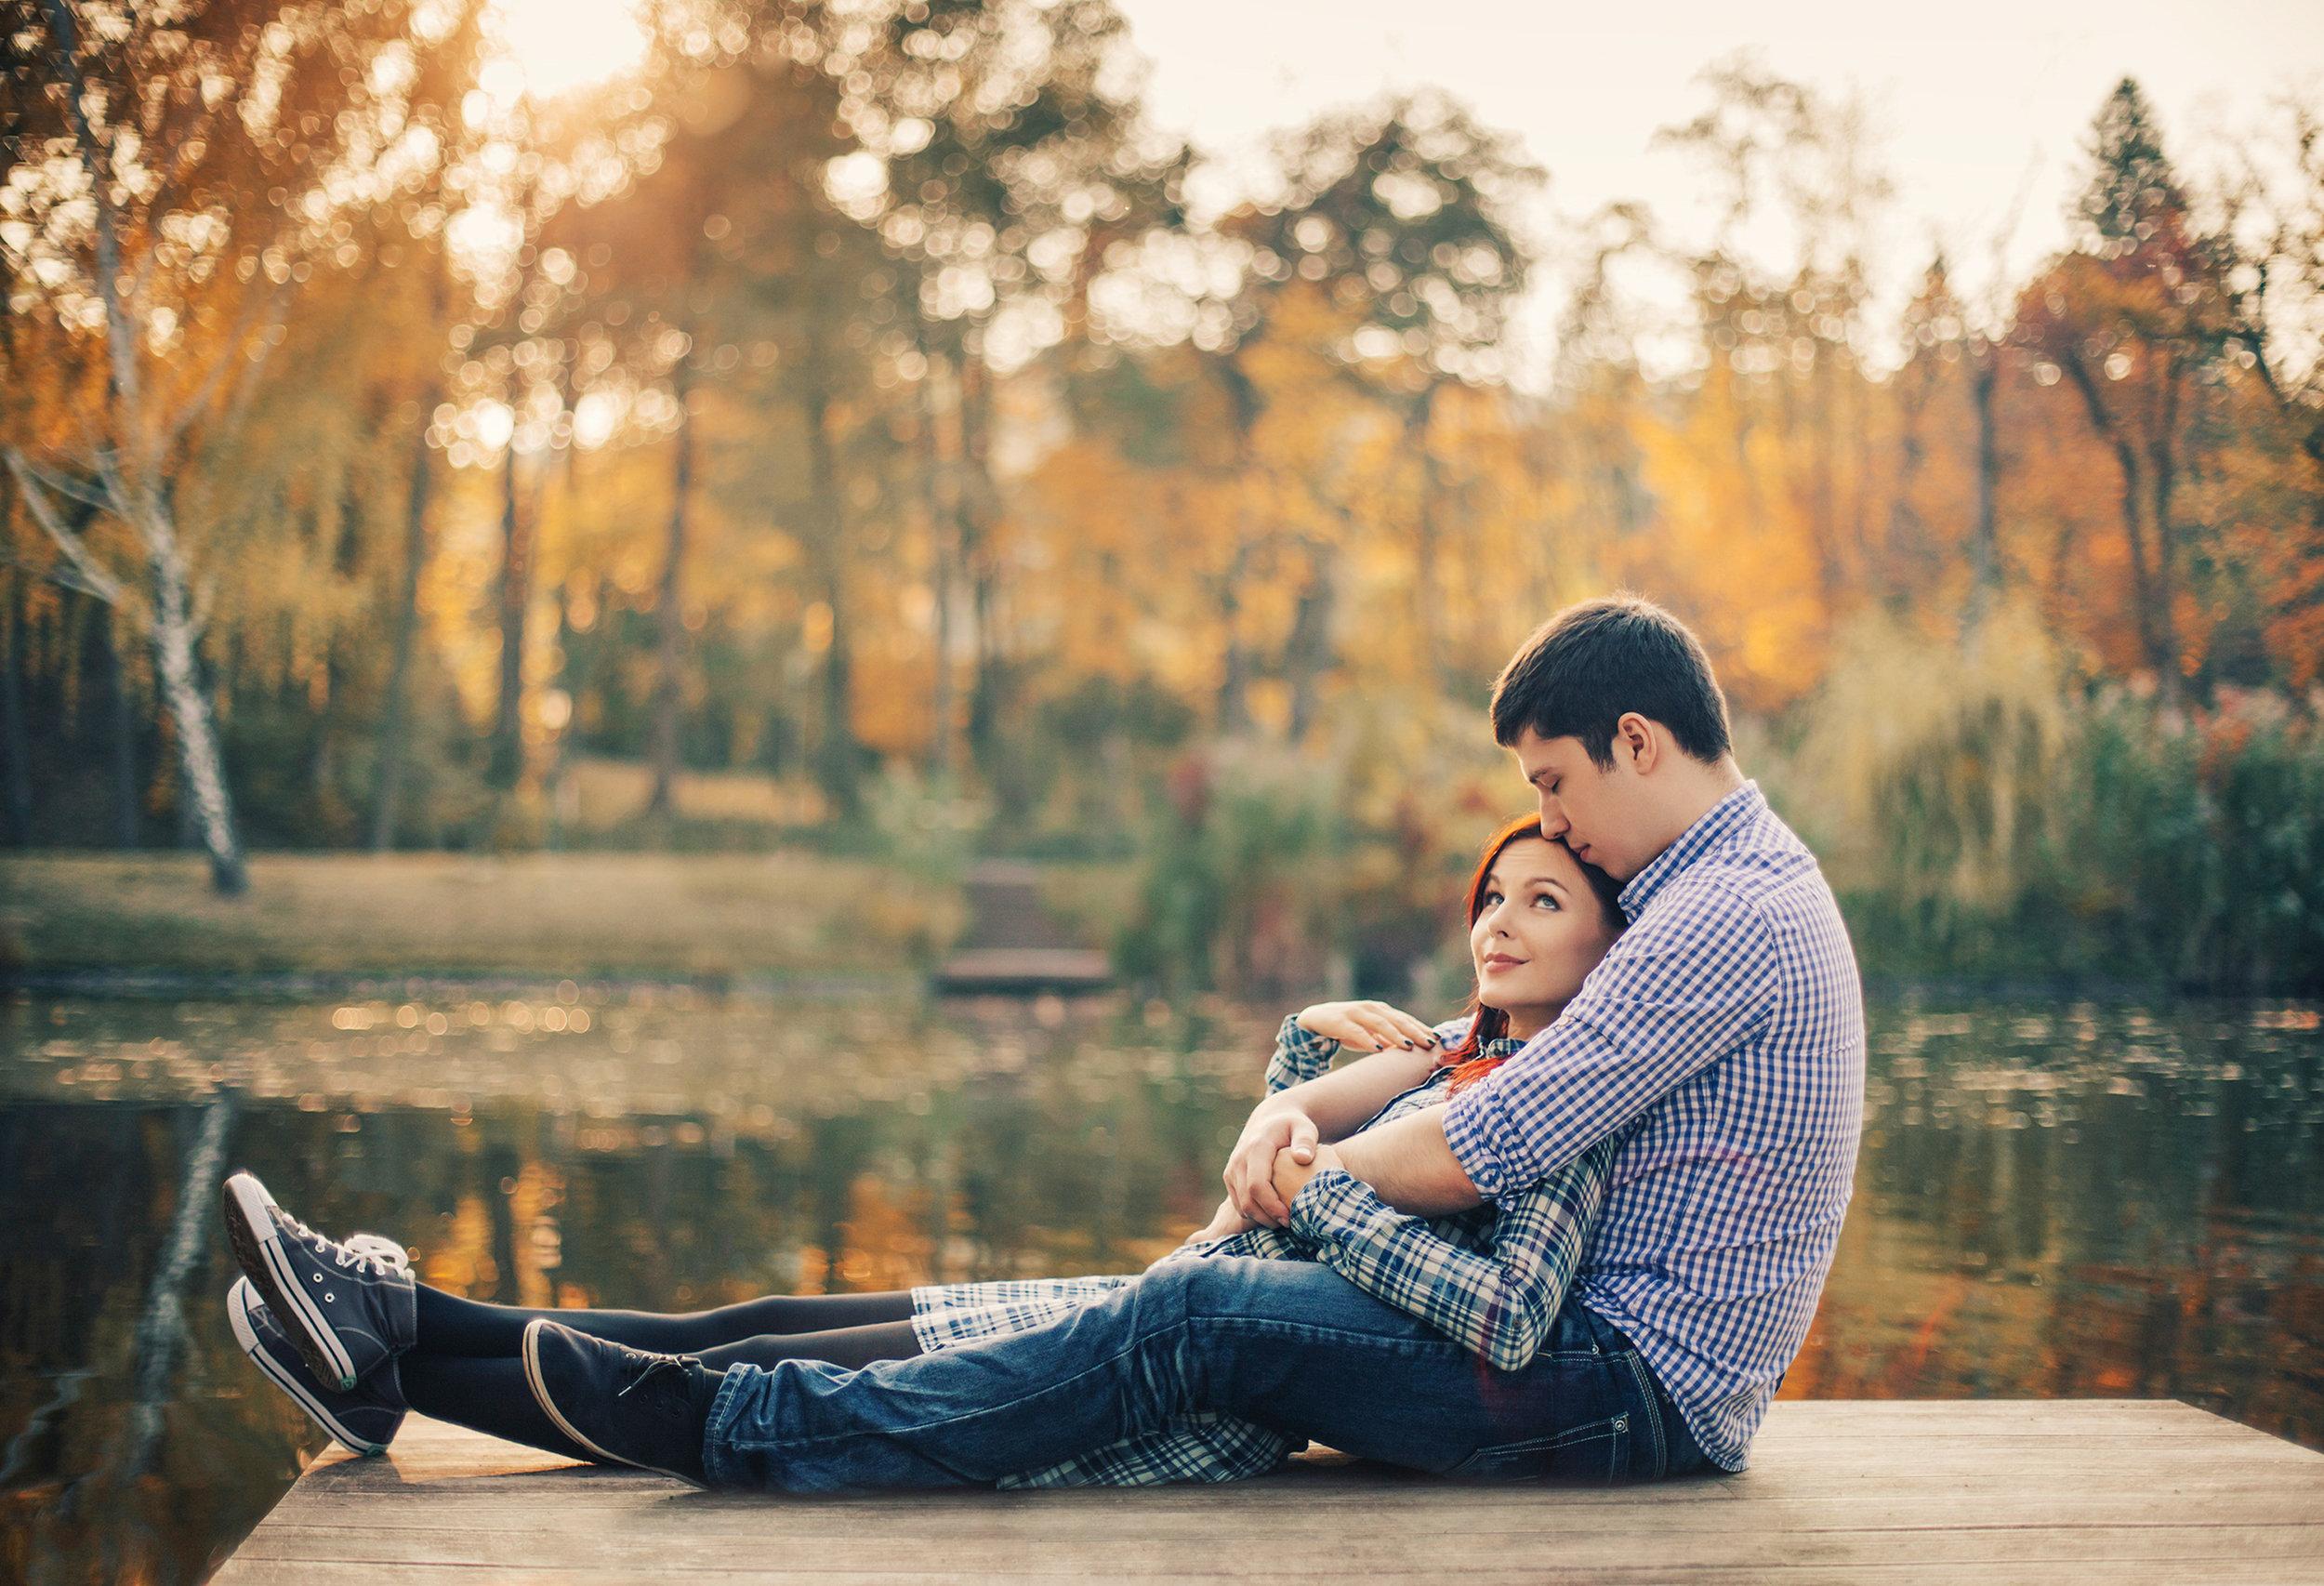 Site de rencontre gratuit sérieux : pour enfin trouver l'amour